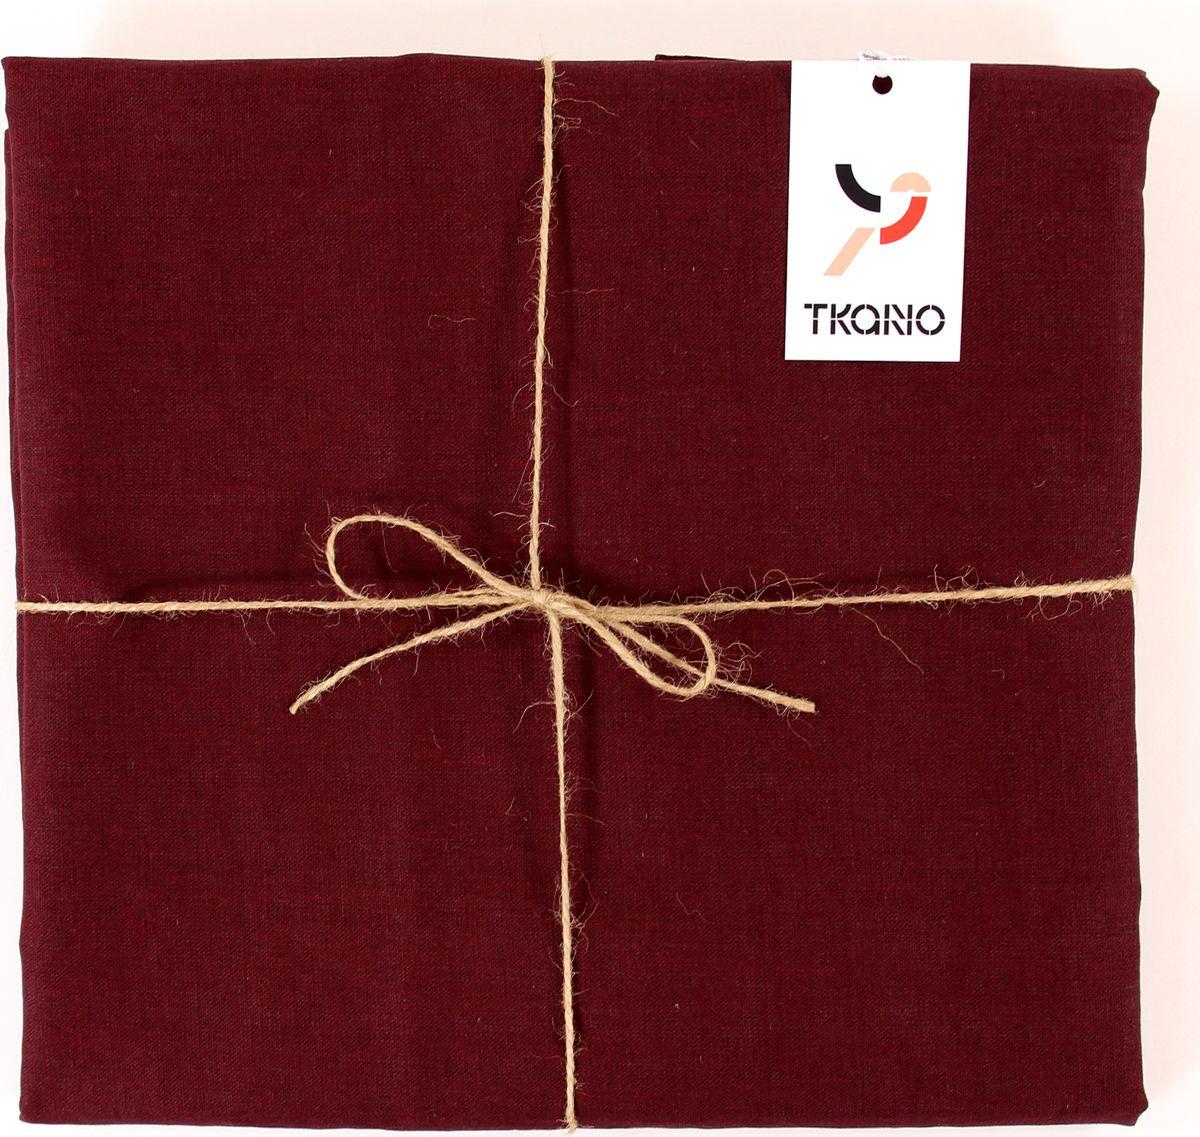 Скатерть Tkano Essential, TK18-TС0017, с декоративной обработкой, бордовый, 143 x 250 см